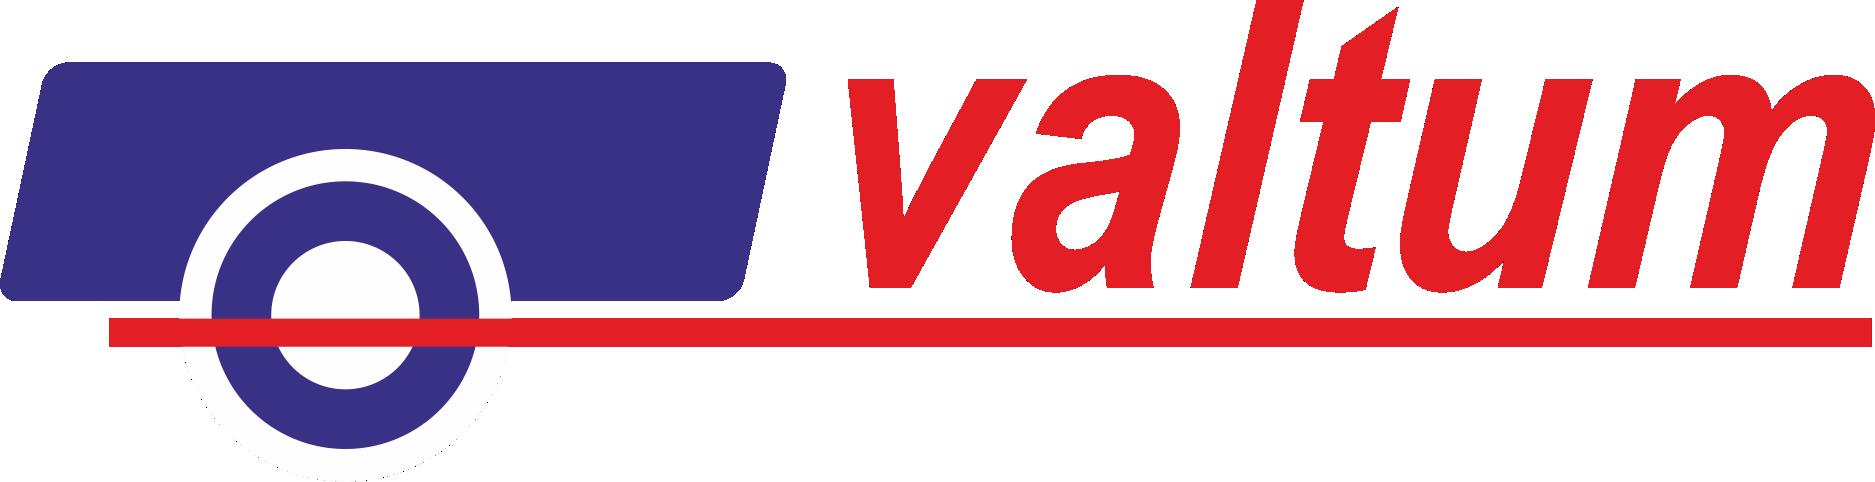 valtum_logo.png